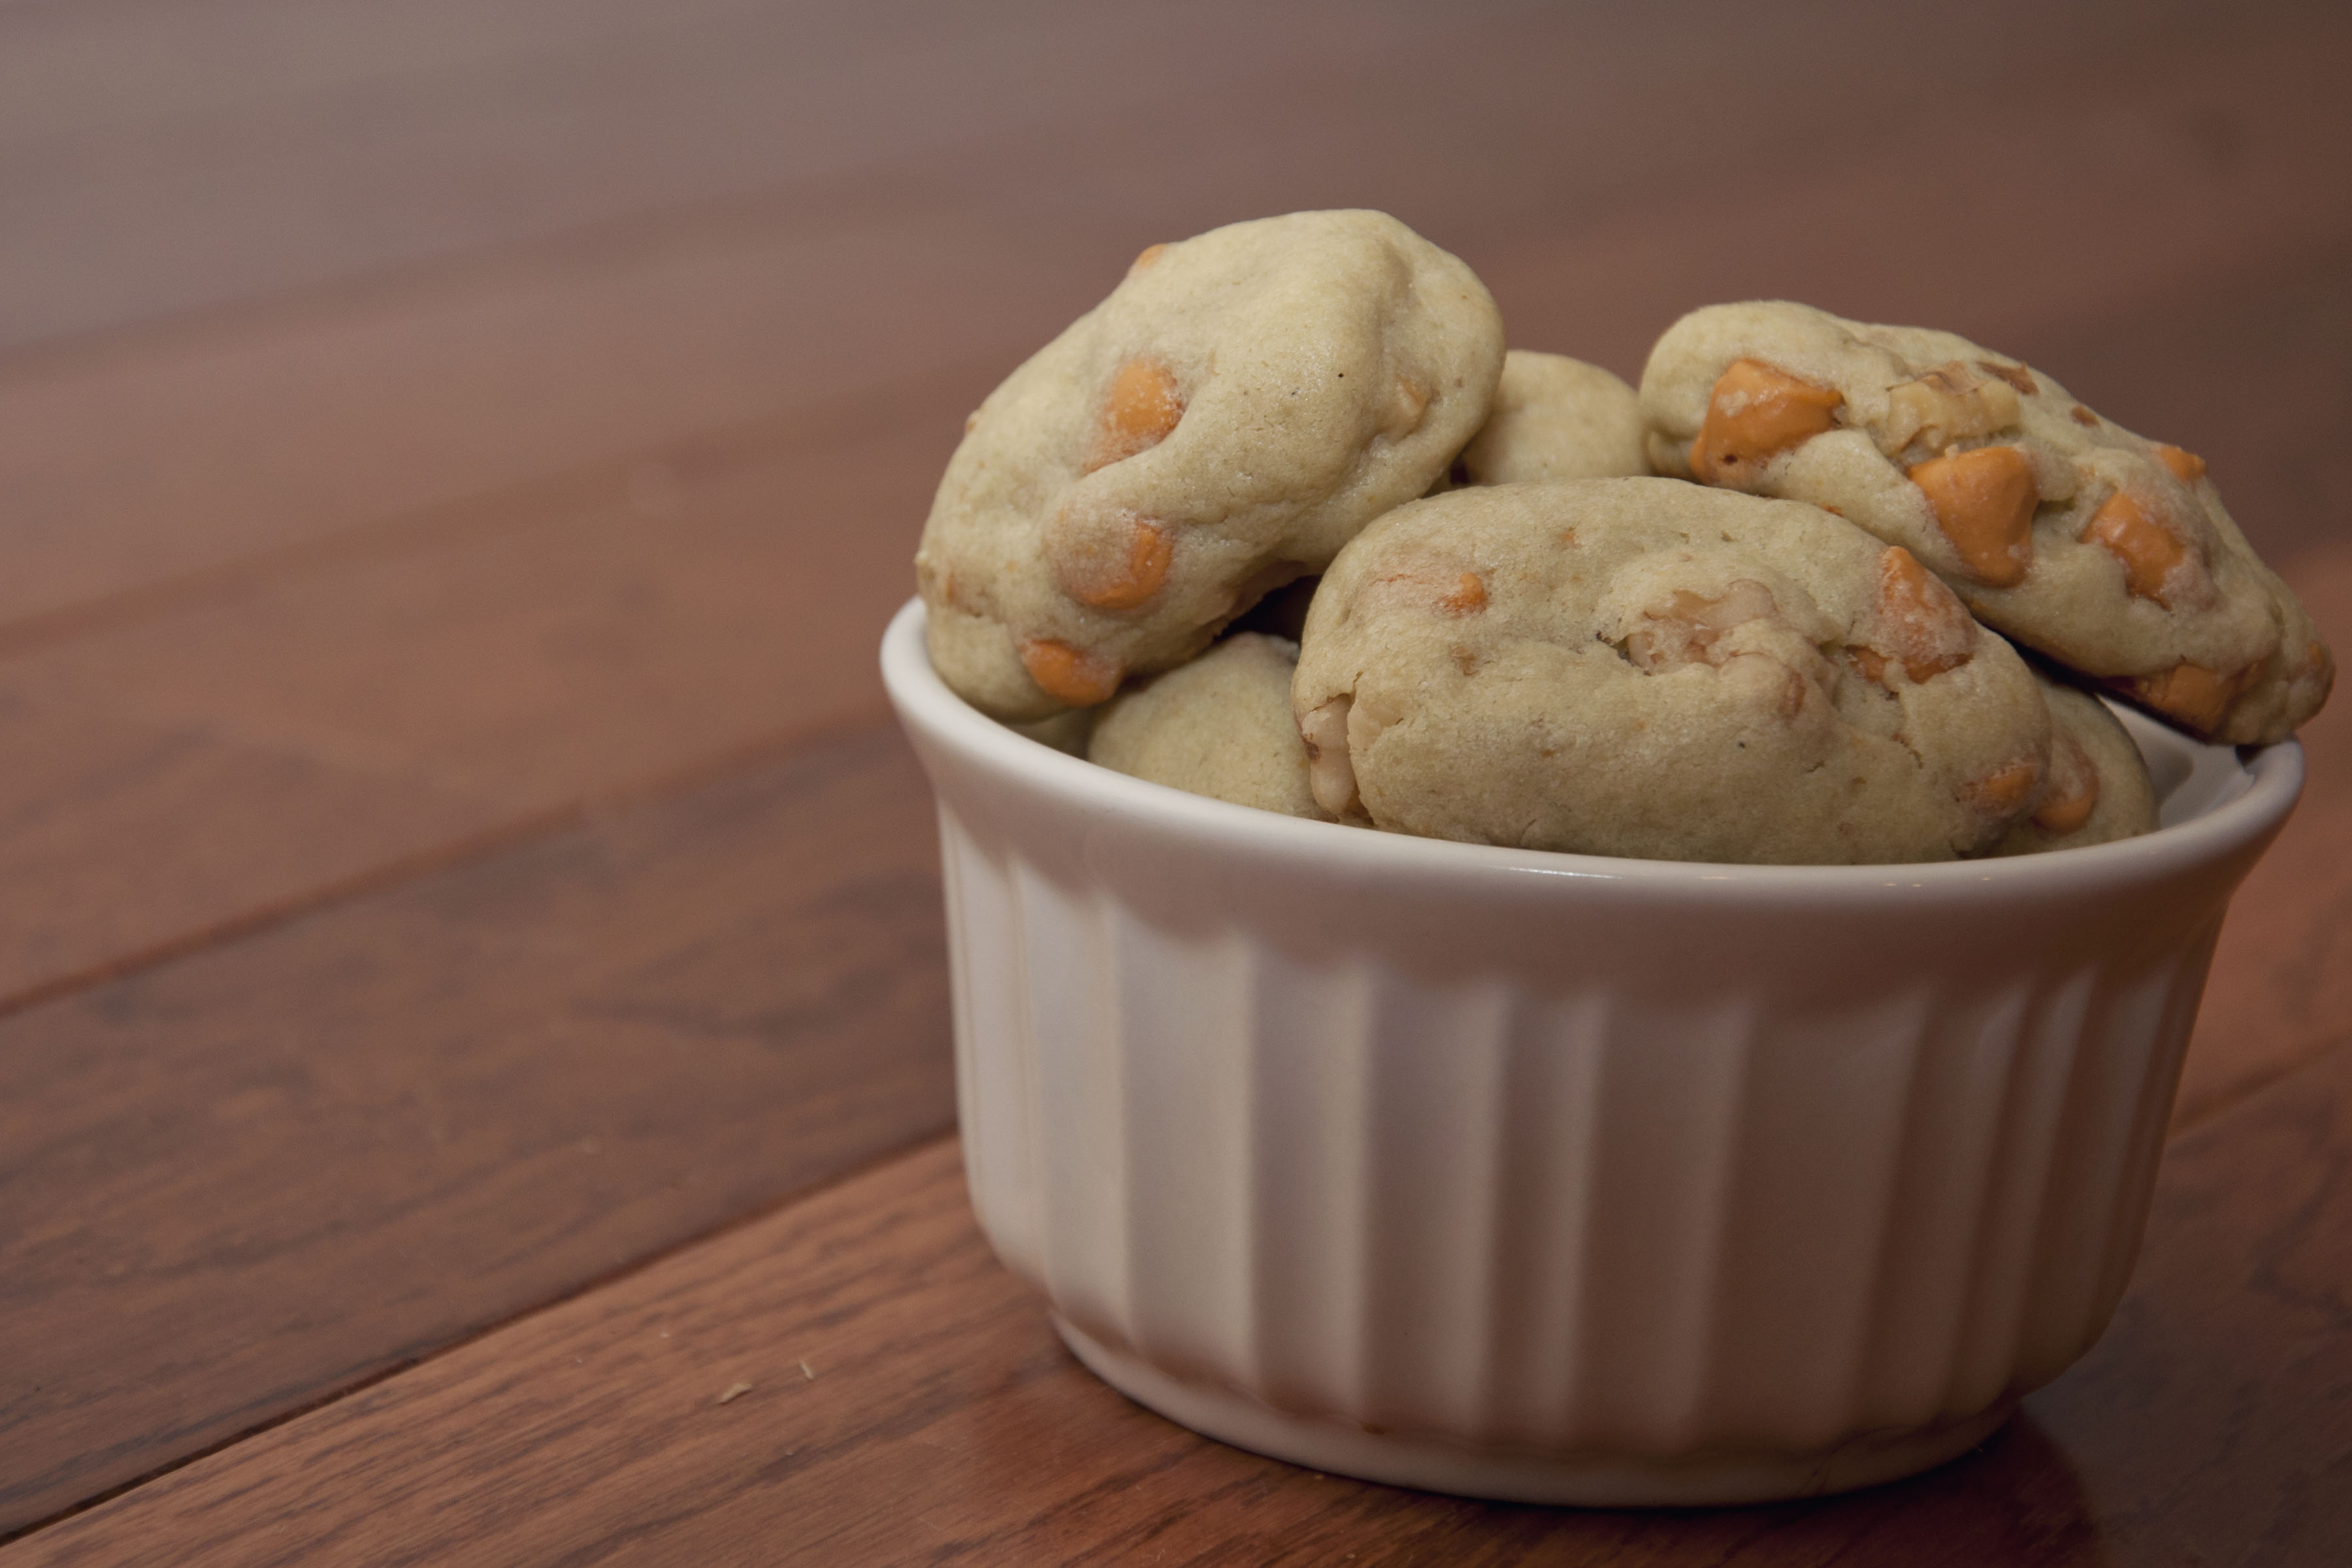 cookies, pistachio, pistachio cookies, pistachio cookie recipe, cookie recipe, St. Patrick's Day Recipe, St. Patrick's Day, blarney stone cookies, blarney stone cookie recipe, easy cookie recipe, butterscotch, butterscotch chips,